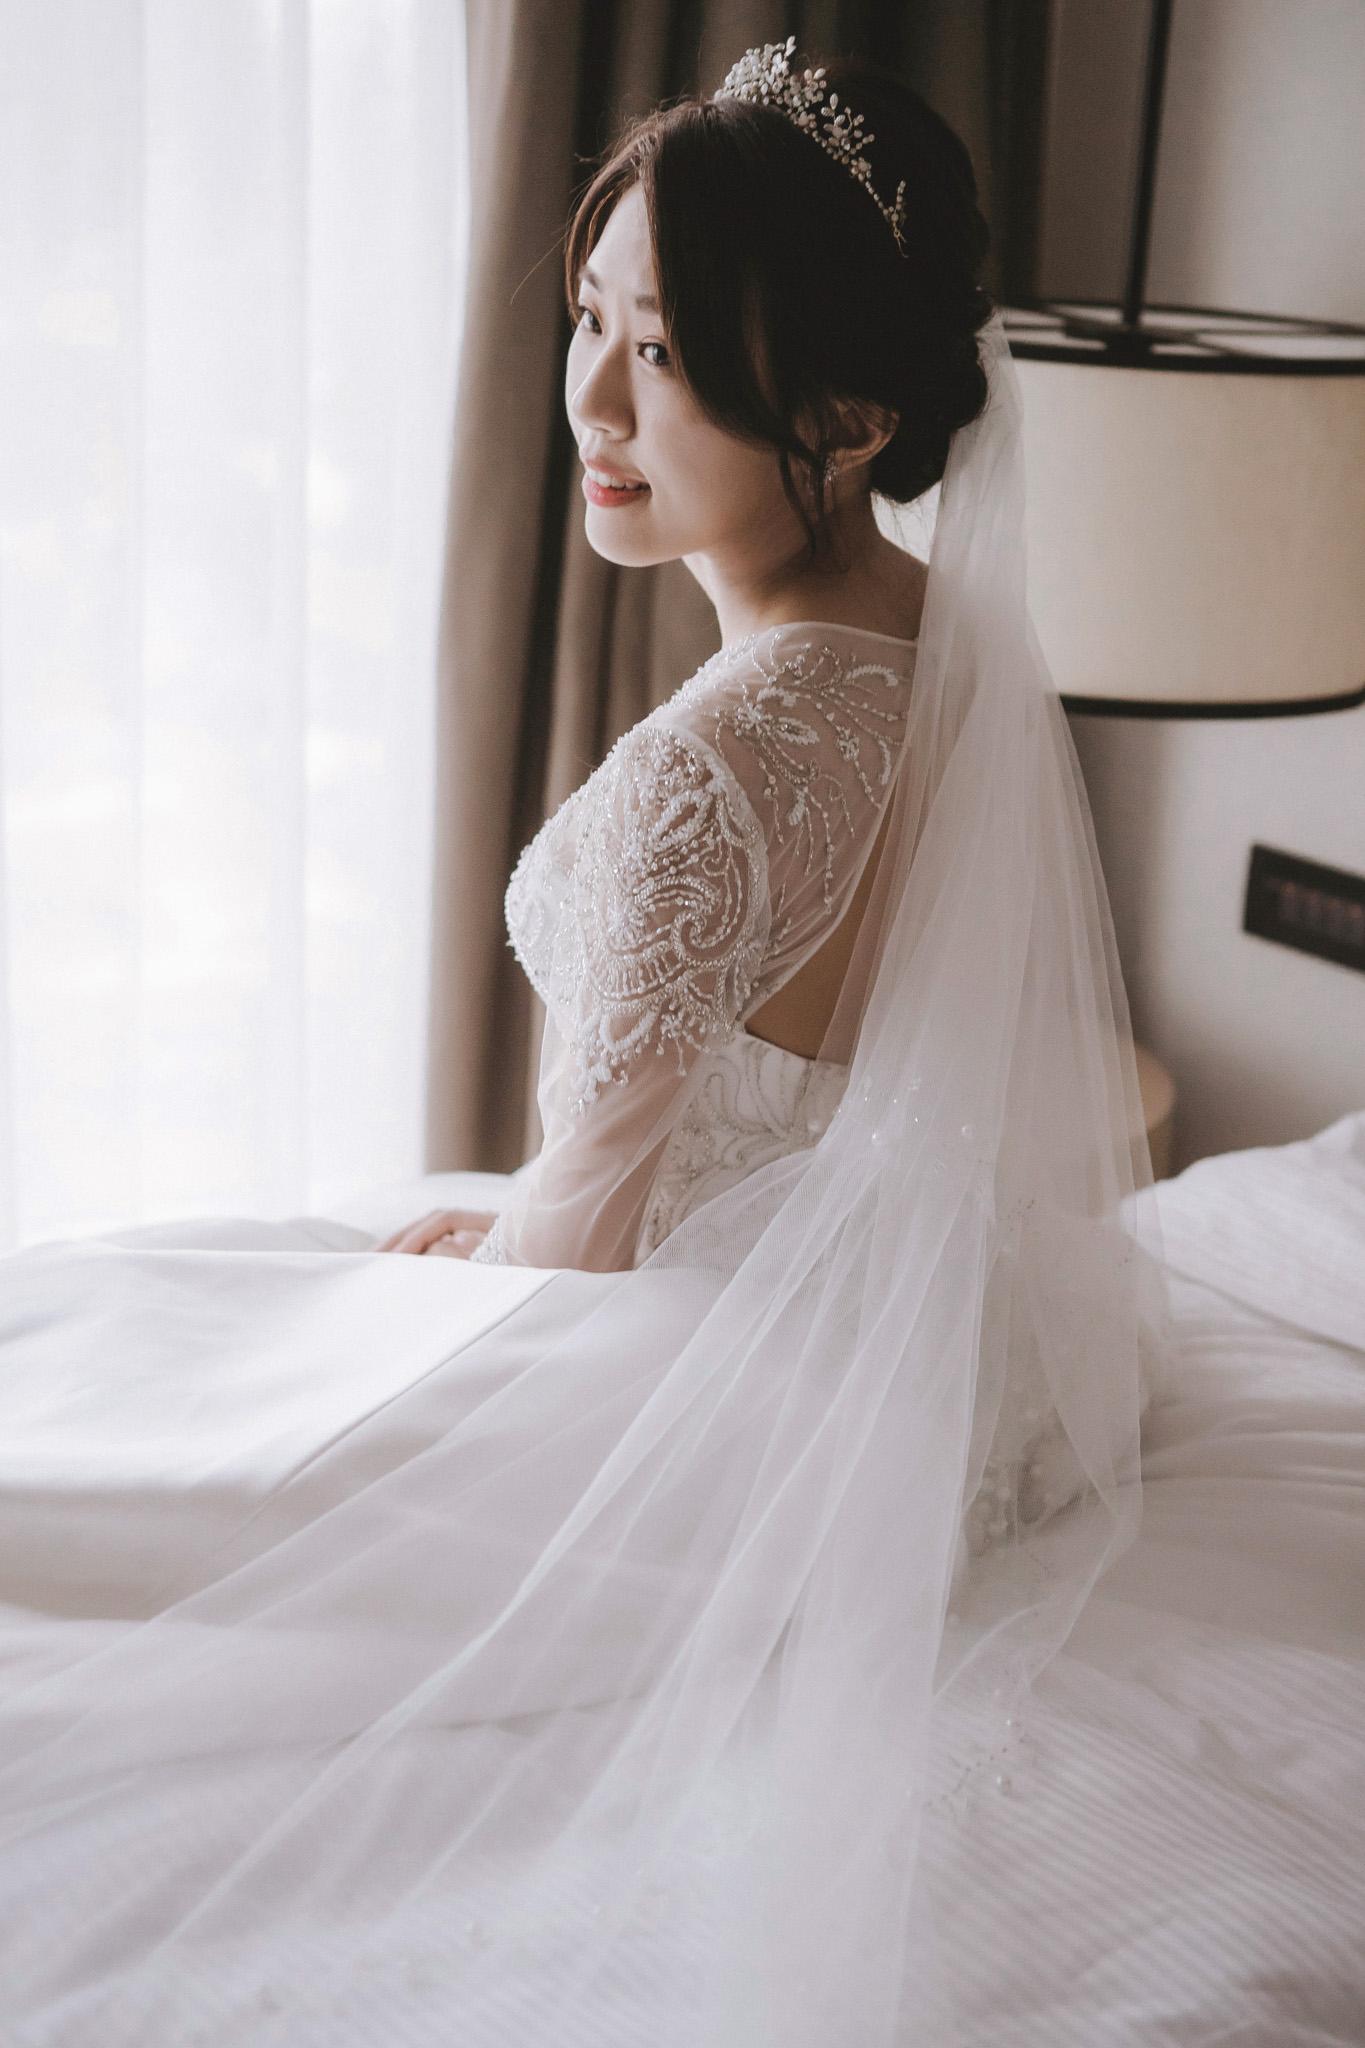 EW 居米 台北婚宴 台北婚紗 台北婚攝 凱達飯店 台北婚禮 -6